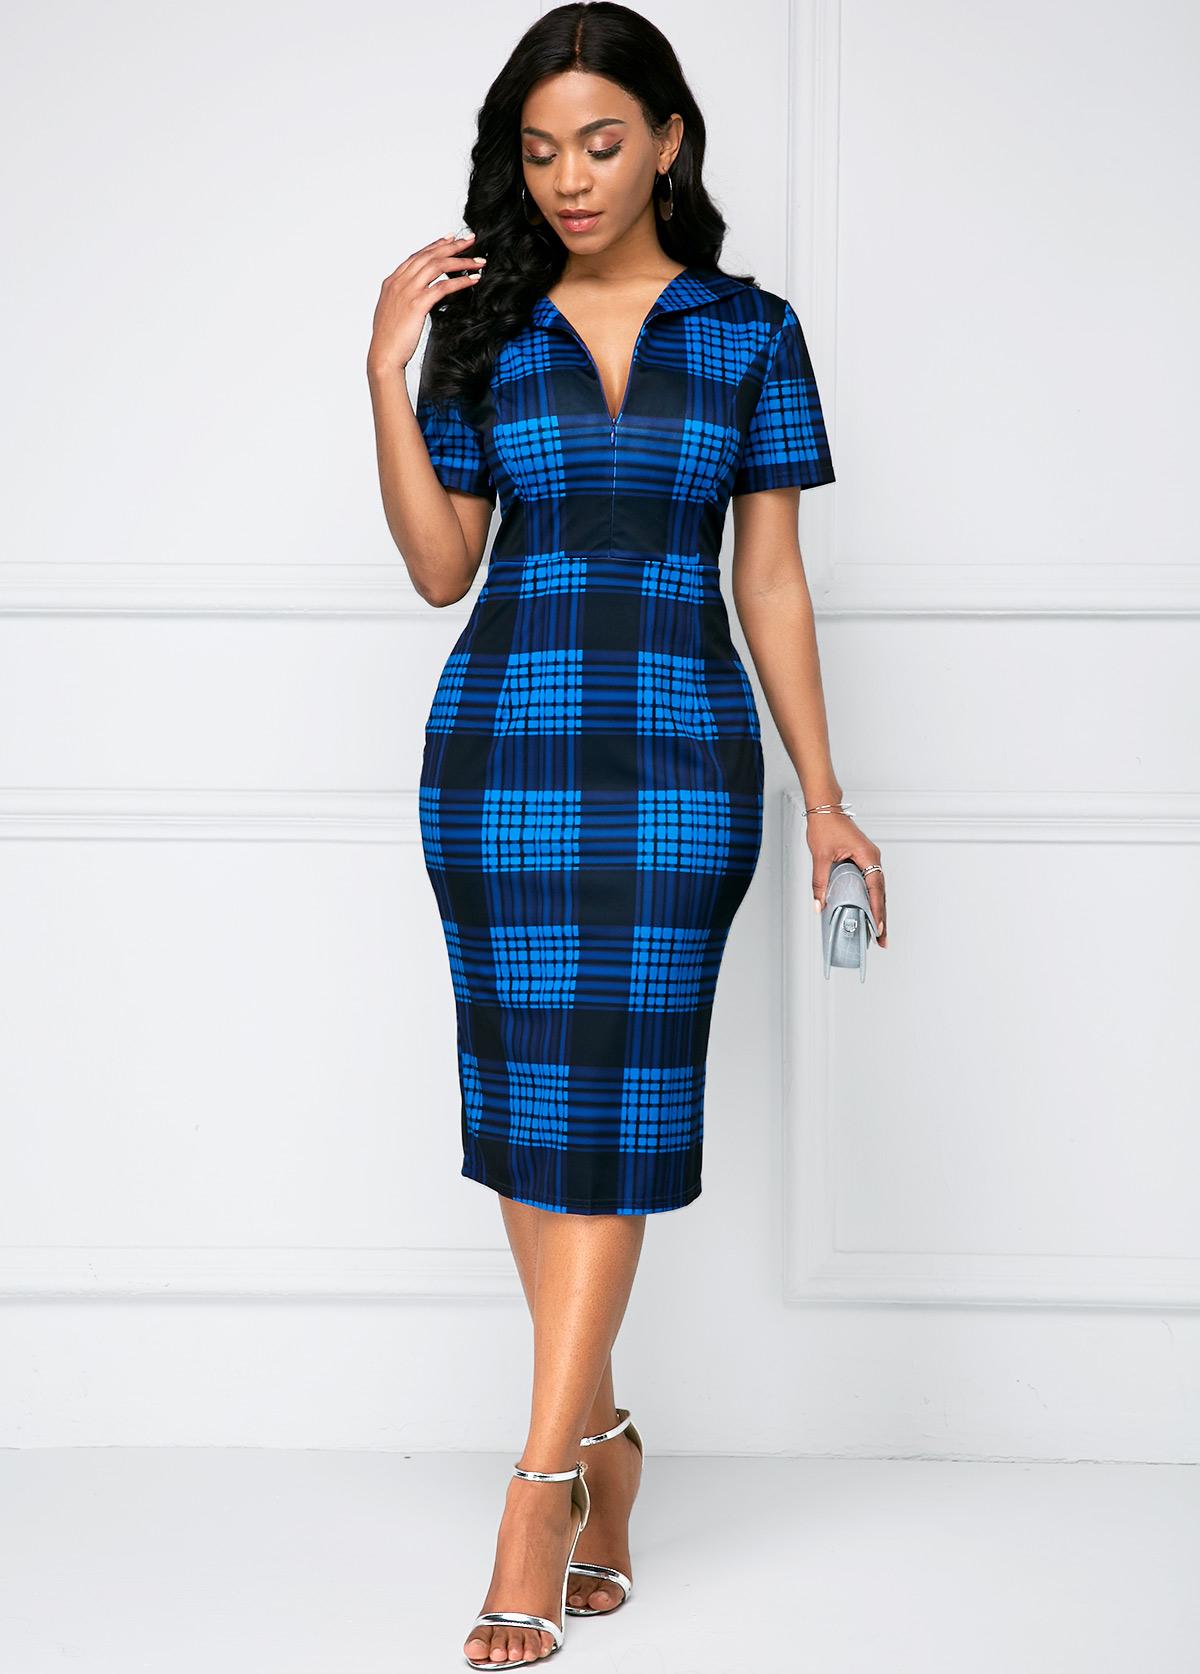 ROTITA High Waist Deep V Neck Short Sleeve Dress